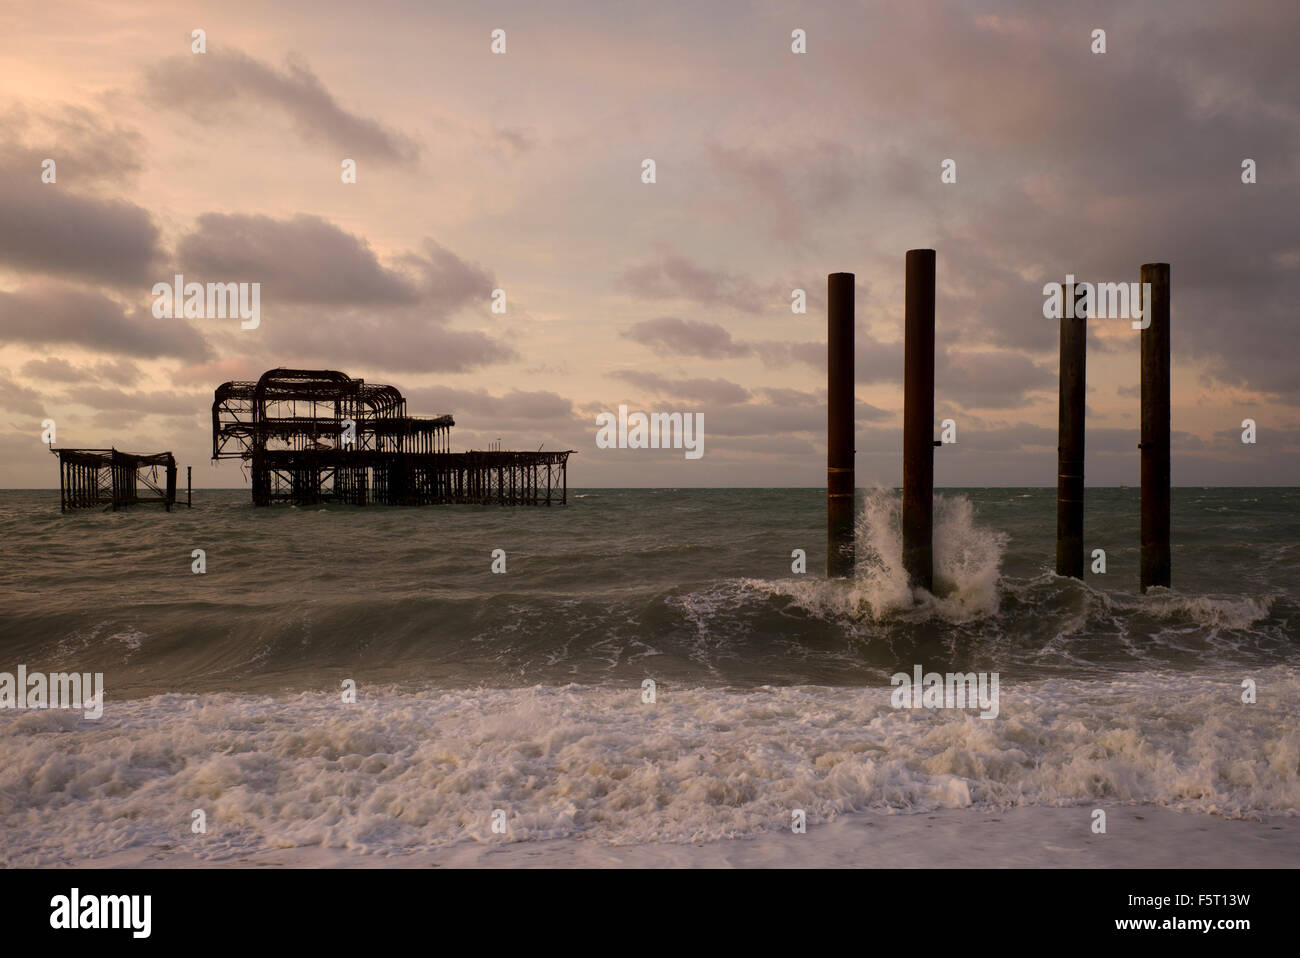 L'drelict Brighton West Pier, grosse mer et ciel orageux Photo Stock